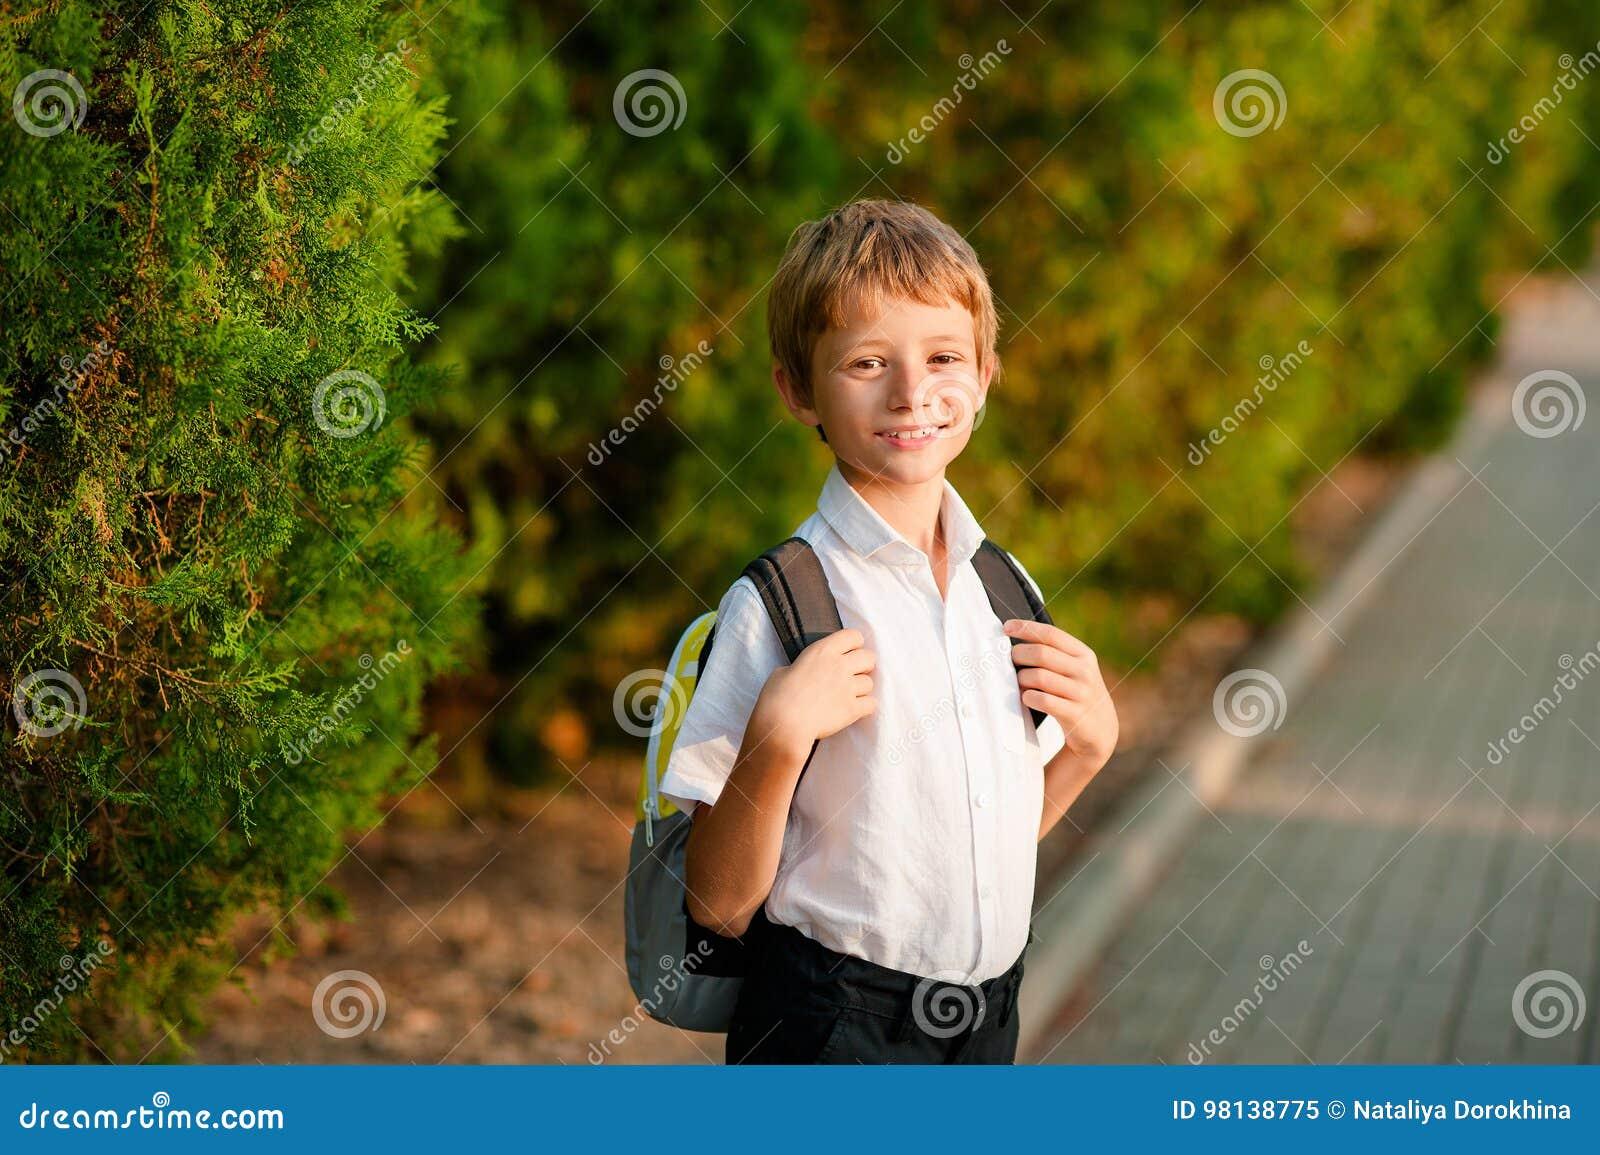 Een kleine jongen met een rugzak gaat op zijn manier naar school